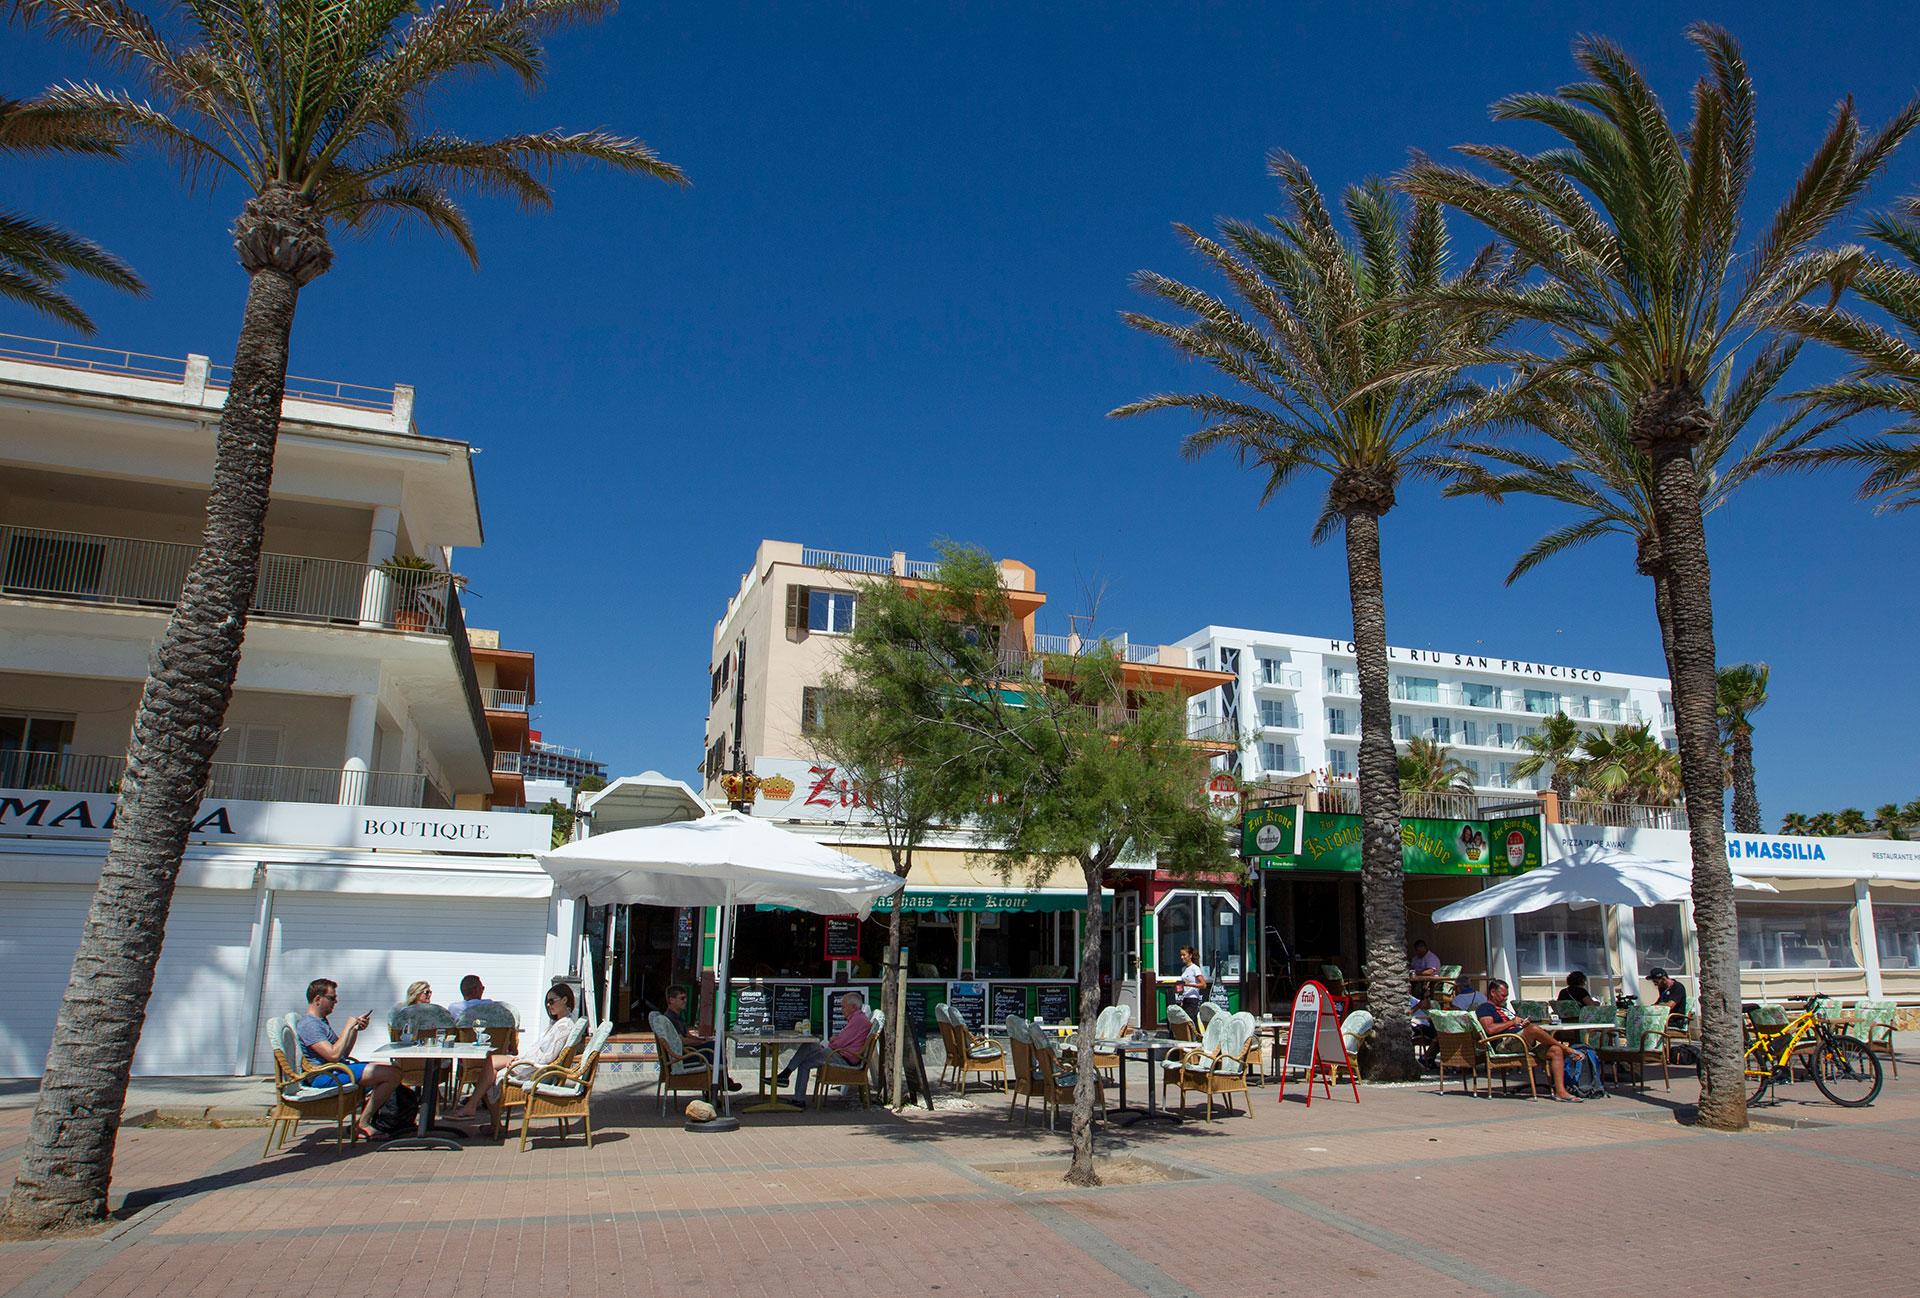 Turistas almuerzan frente a la playa en Palma de Mallorca, donde se espera el arribo de unos 15.000 alemanes en los próximos días.